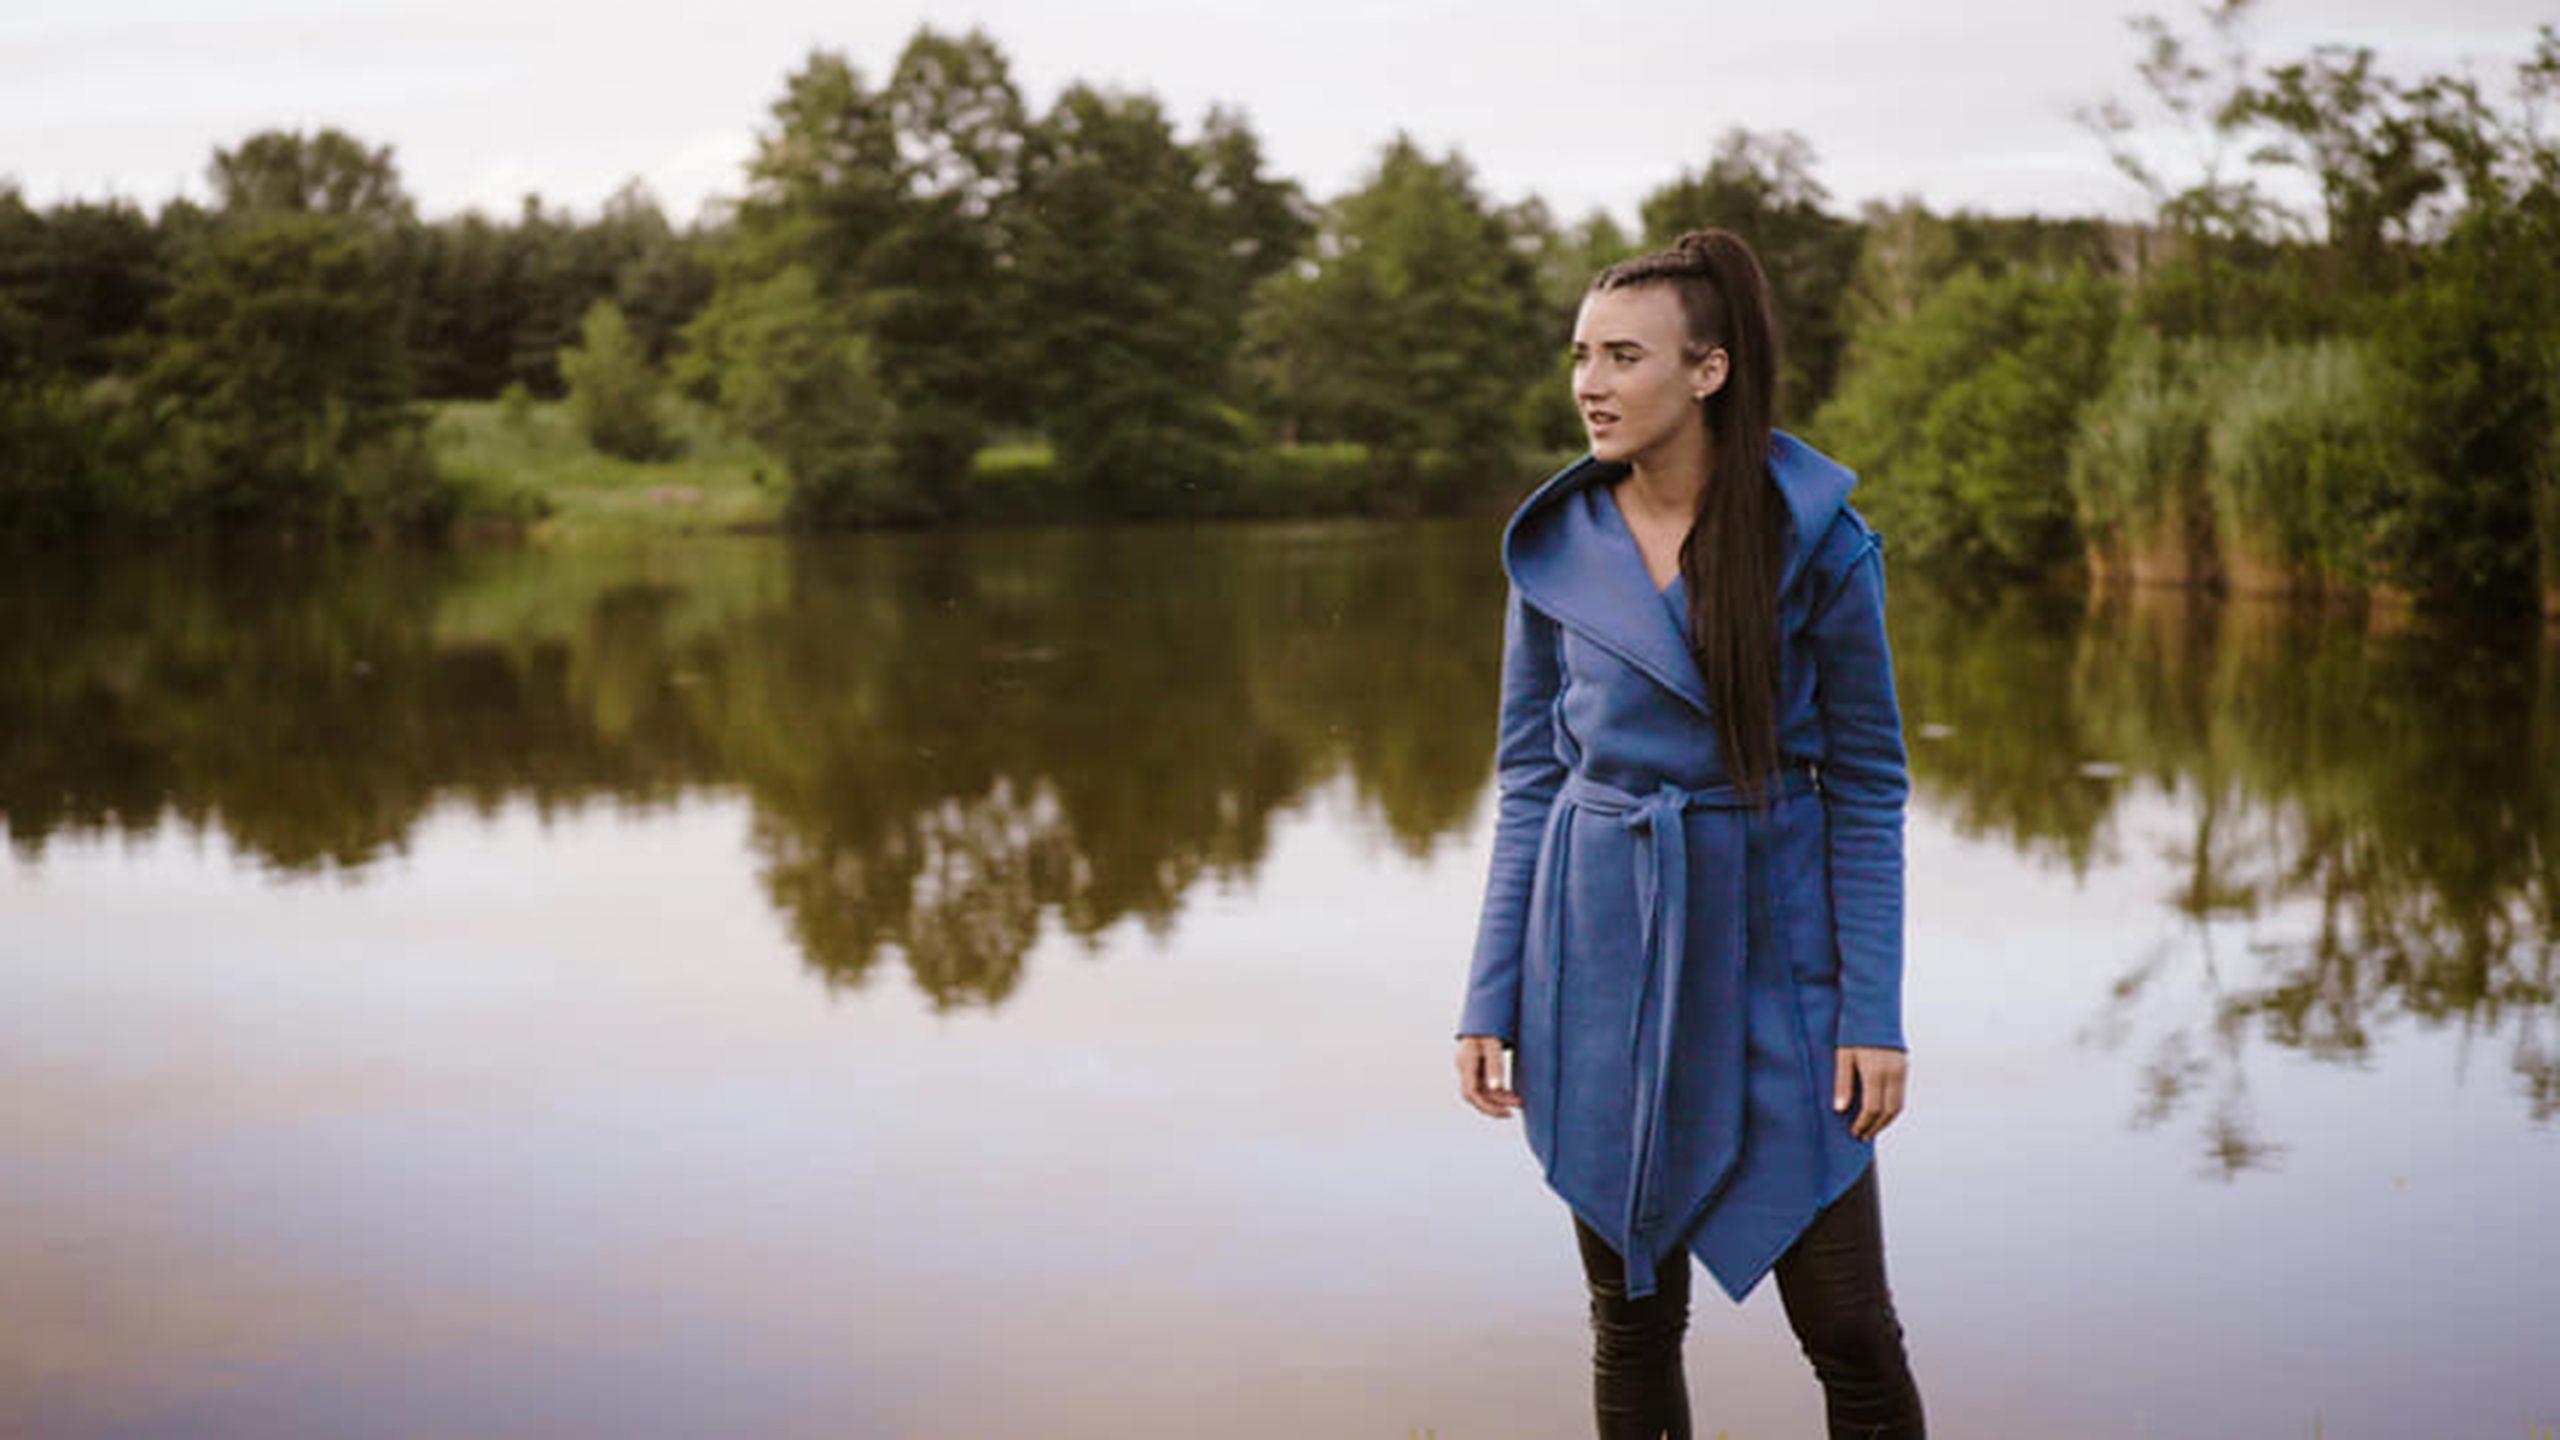 Pieseň Cesta od talentovanej speváčky Kristel ti pomôže ísť za svojím šťastím!?